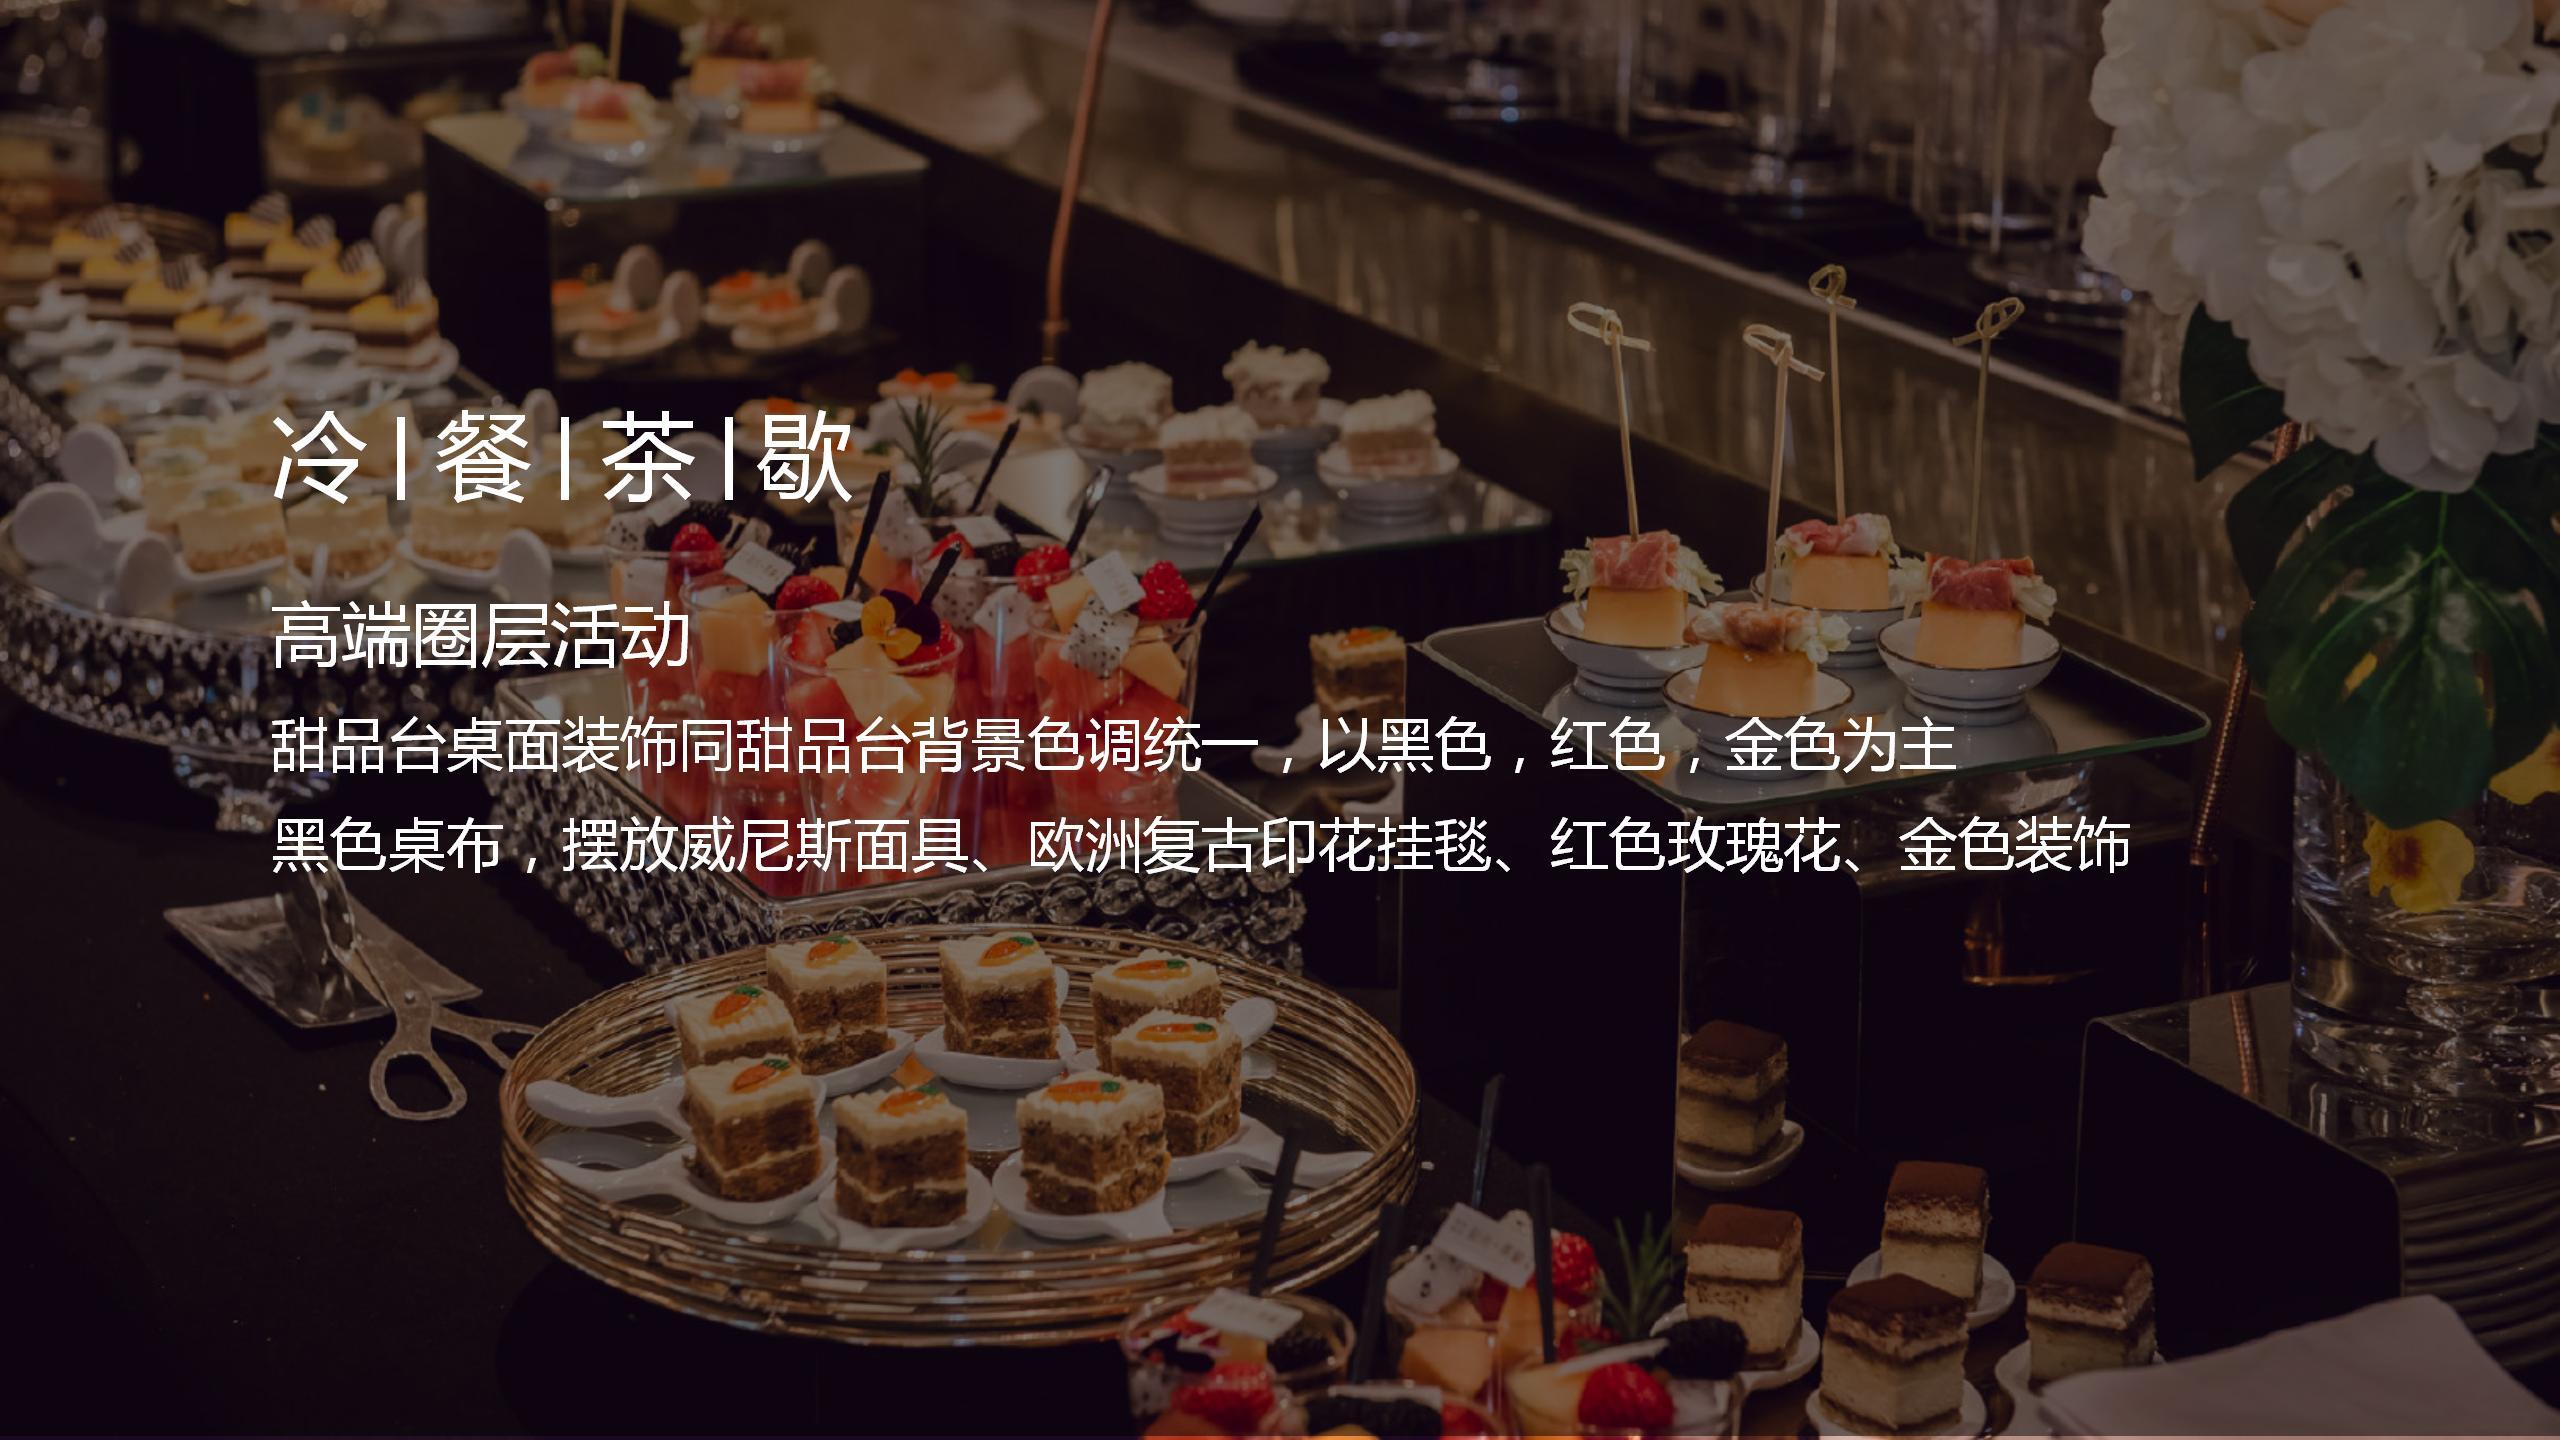 """2021地产项目高端圈层""""女王的盛宴"""",女王节活动策划方案"""